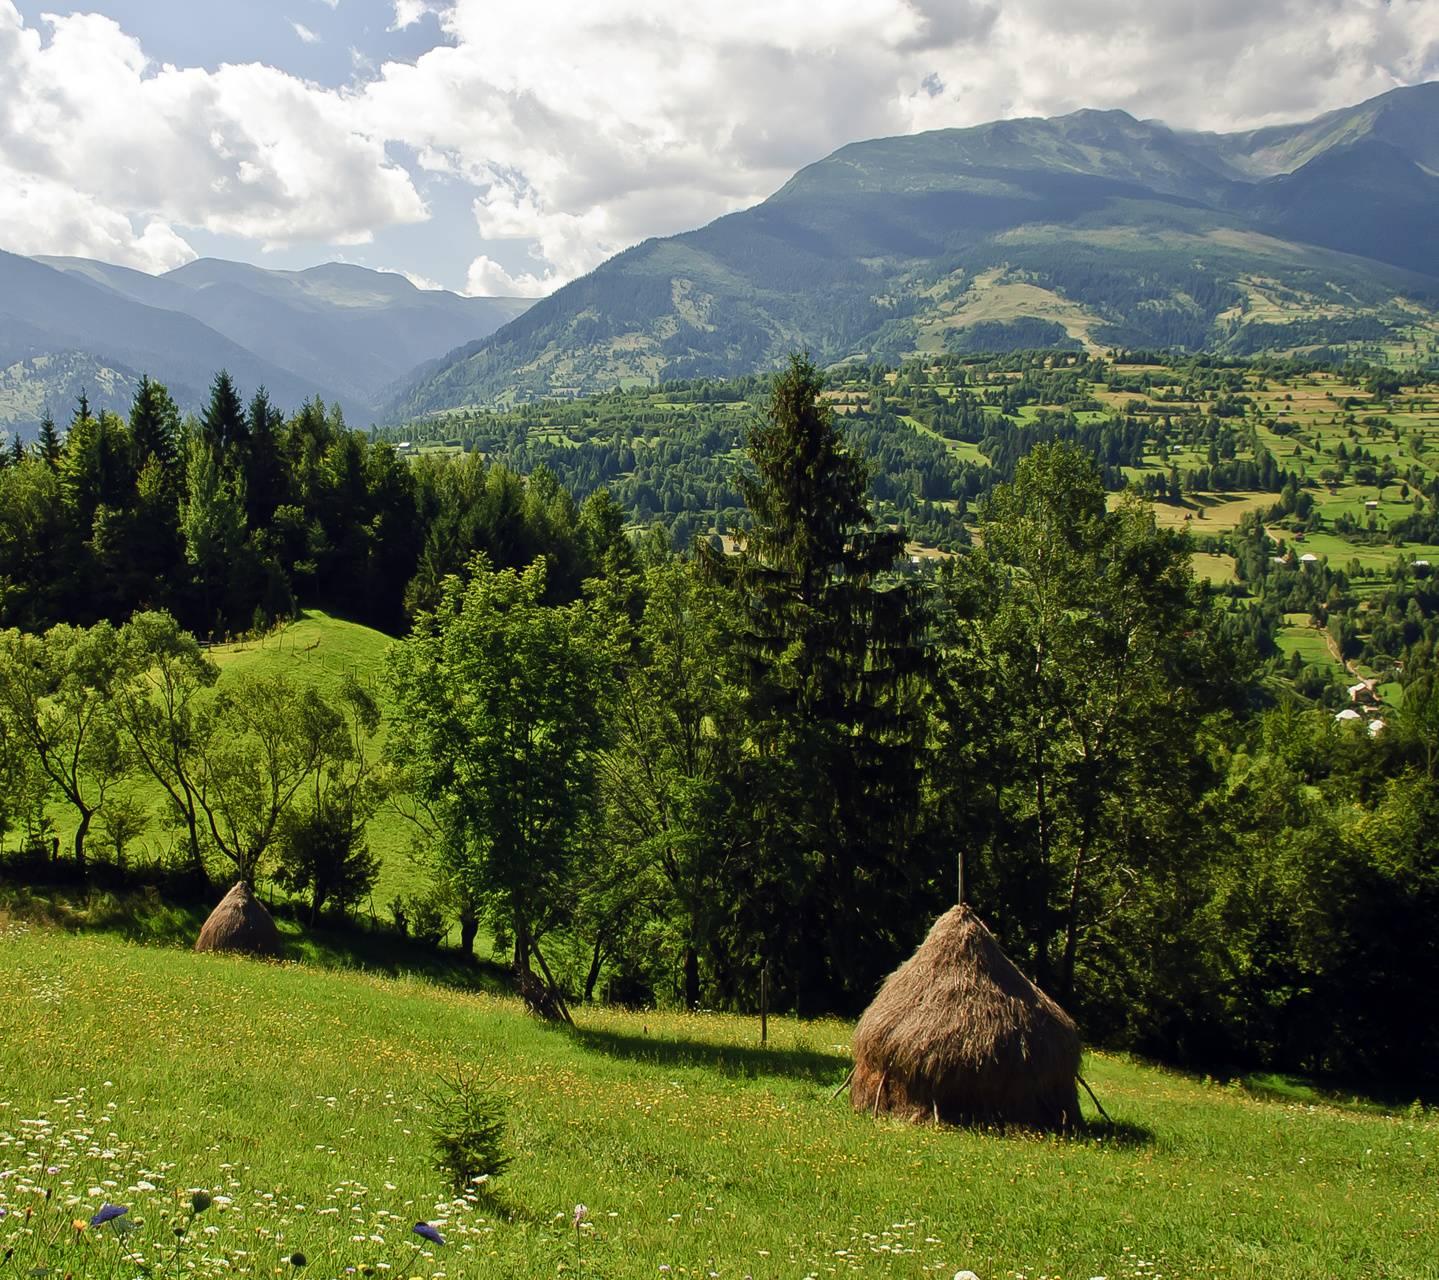 Romania is beautiful